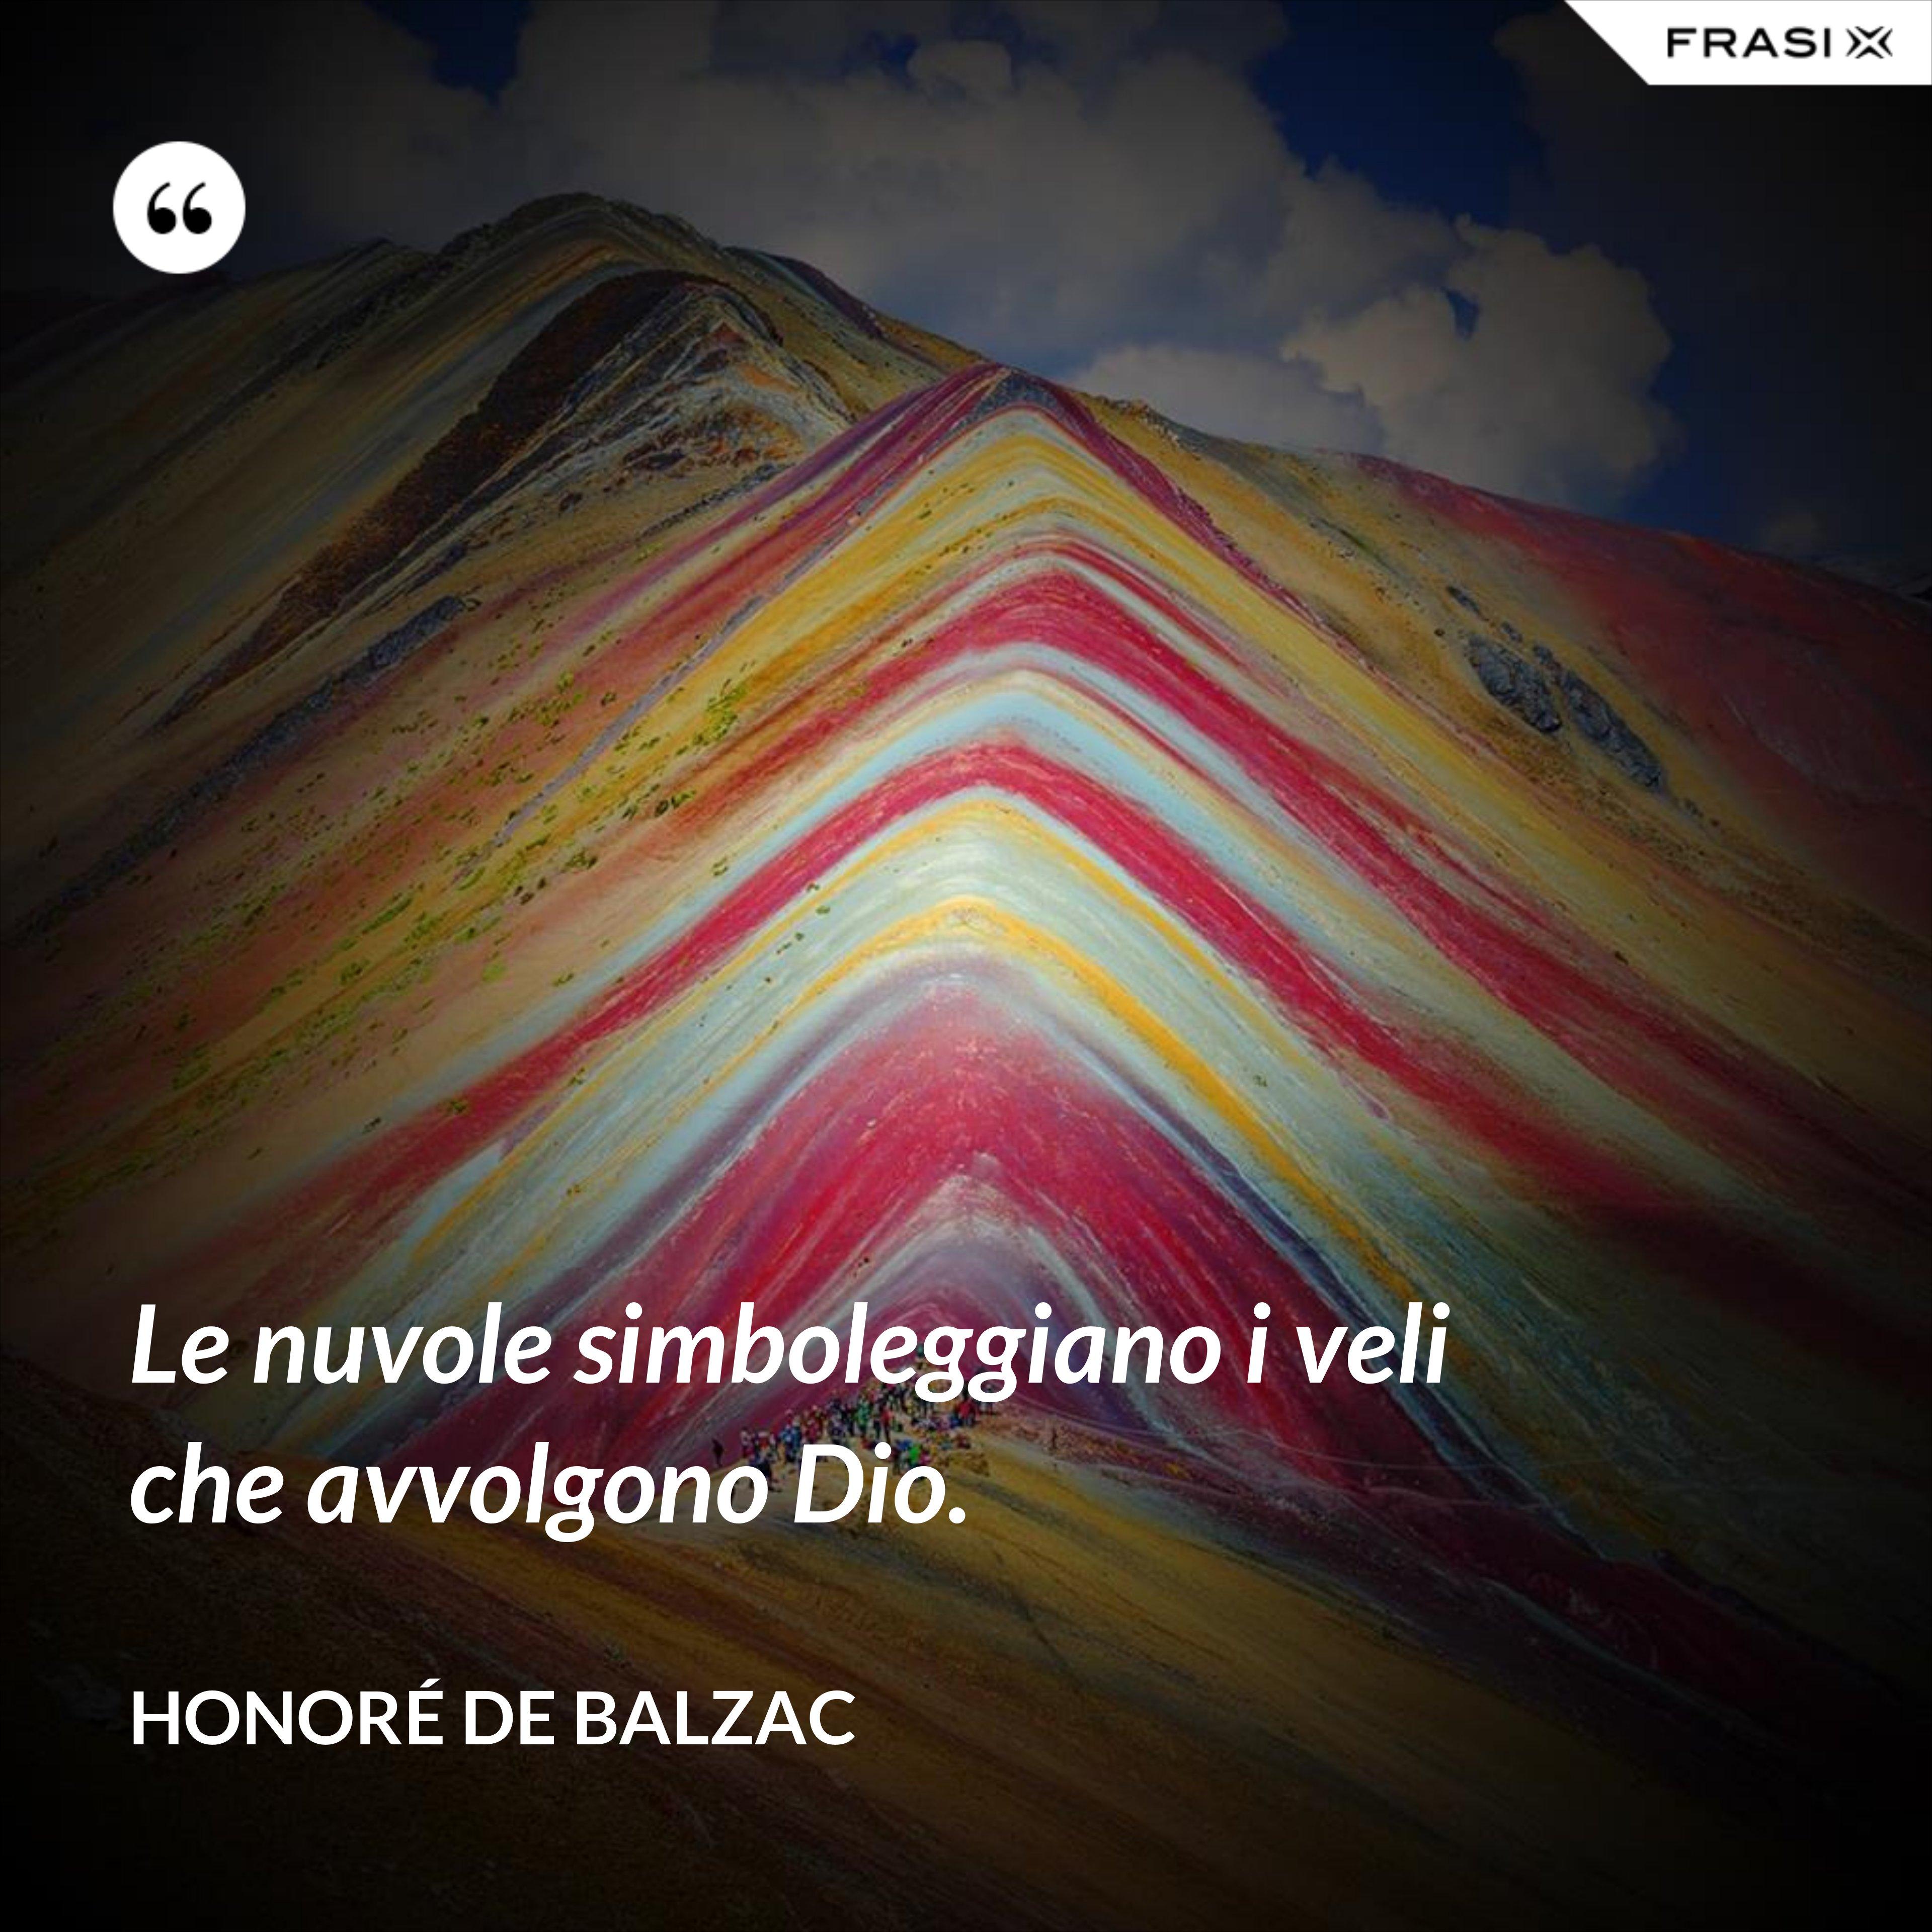 Le nuvole simboleggiano i veli che avvolgono Dio. - Honoré de Balzac